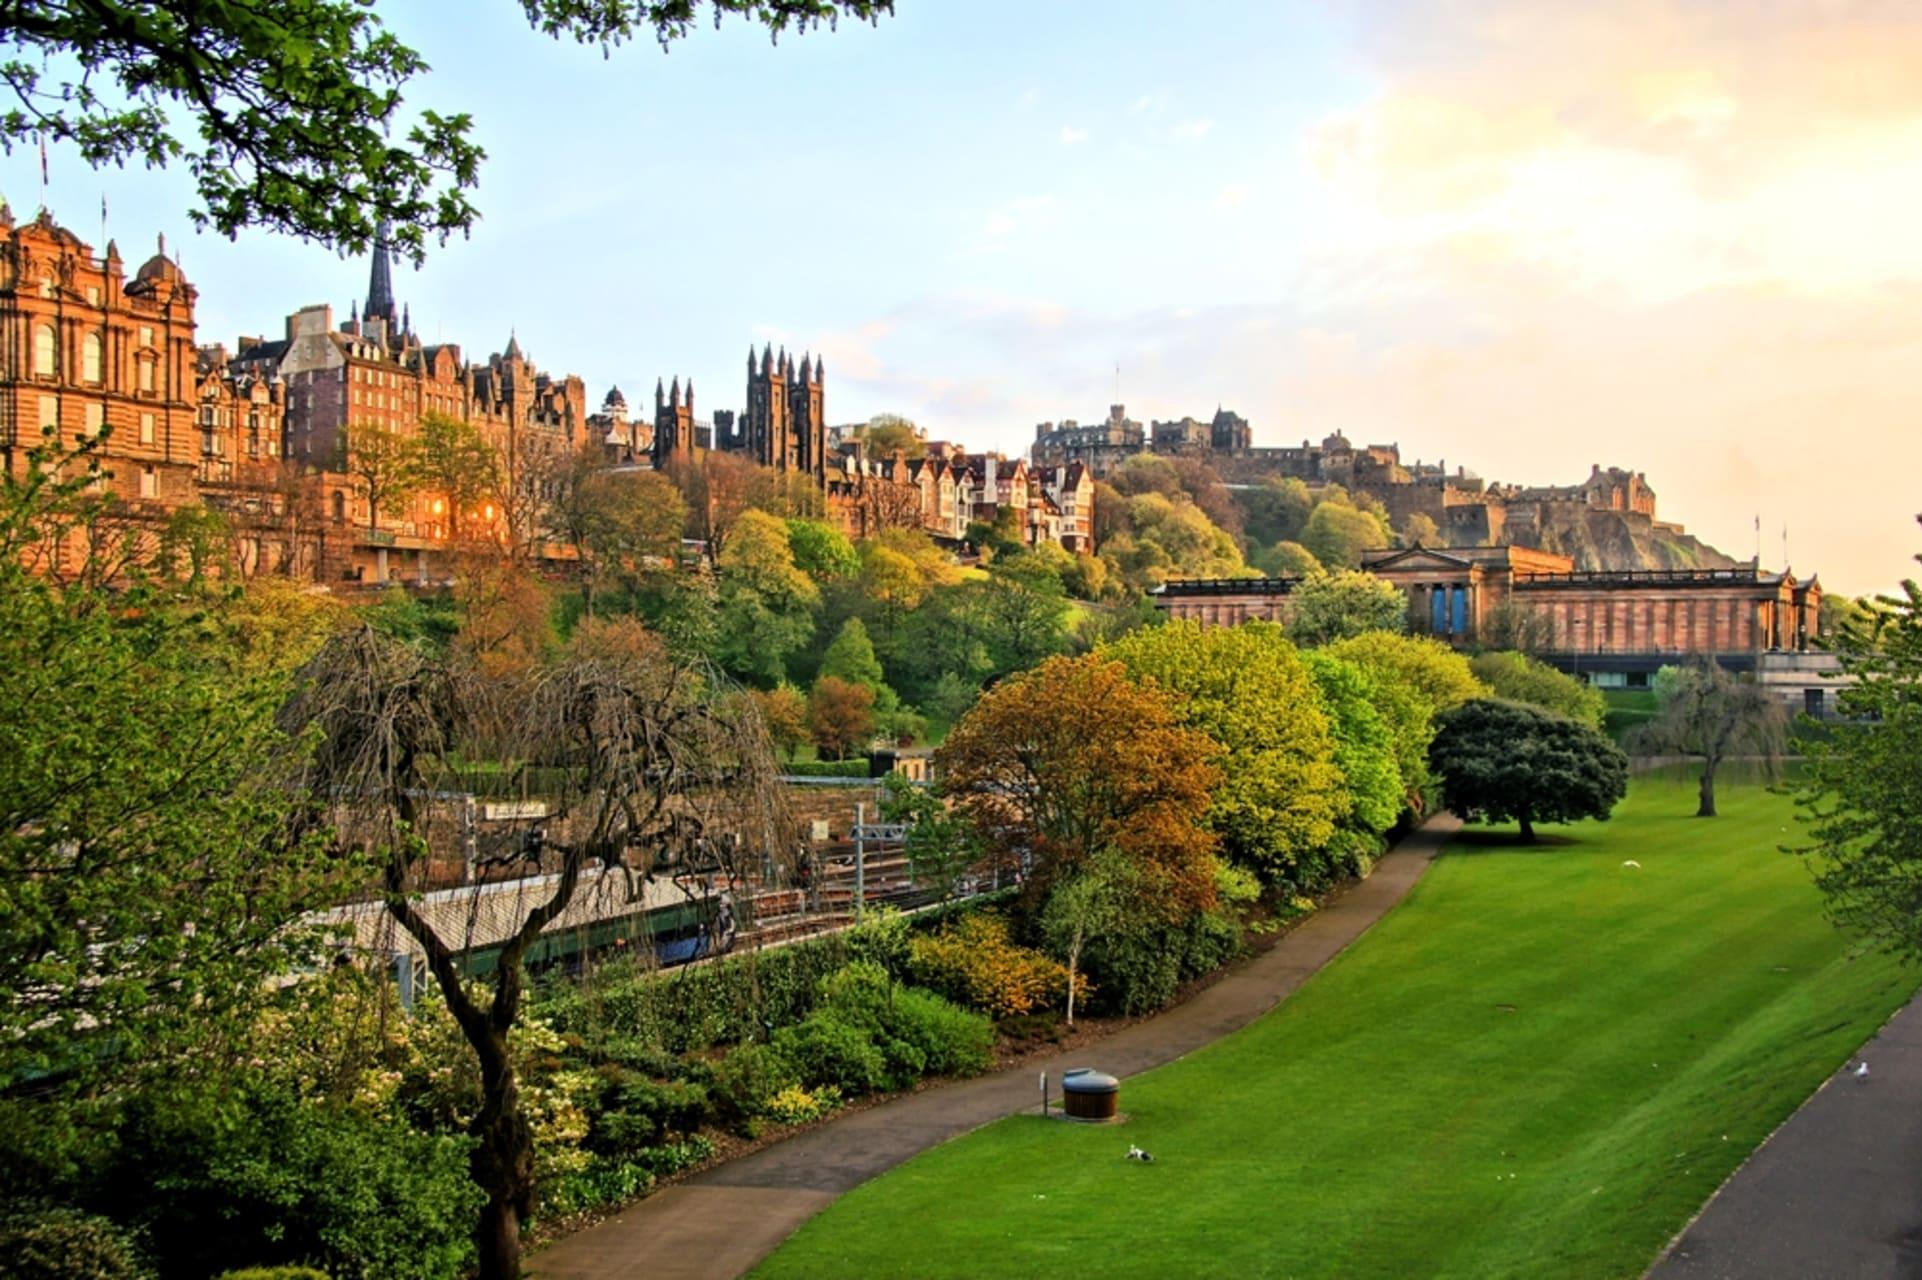 Edinburgh - Princes Street, Castle, Gardens and More